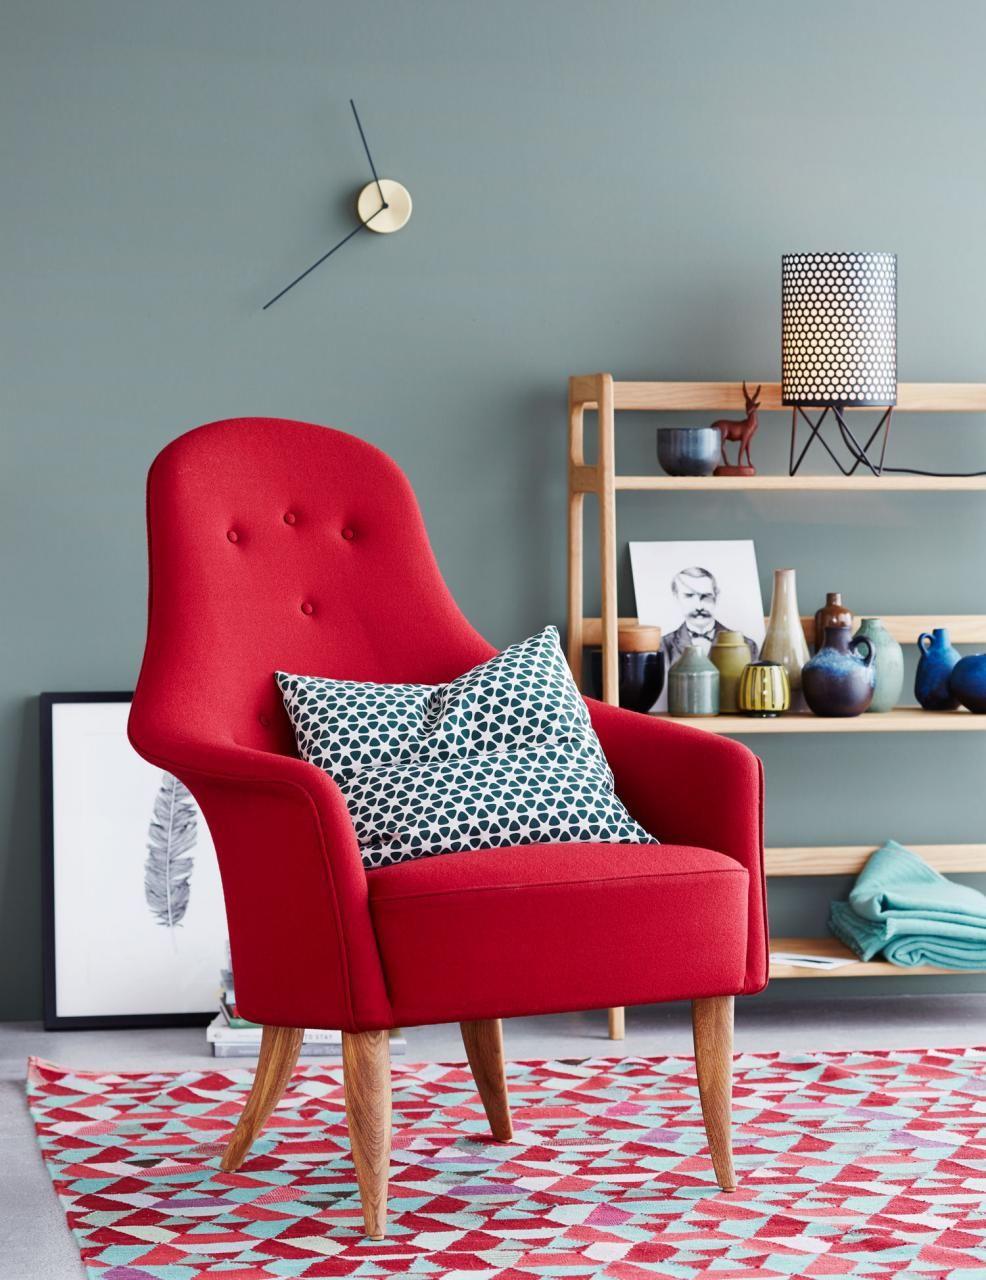 wohnideen dekoration farben, wohnideen mit farben - einrichten und dekorieren mit gelb, blau und, Design ideen